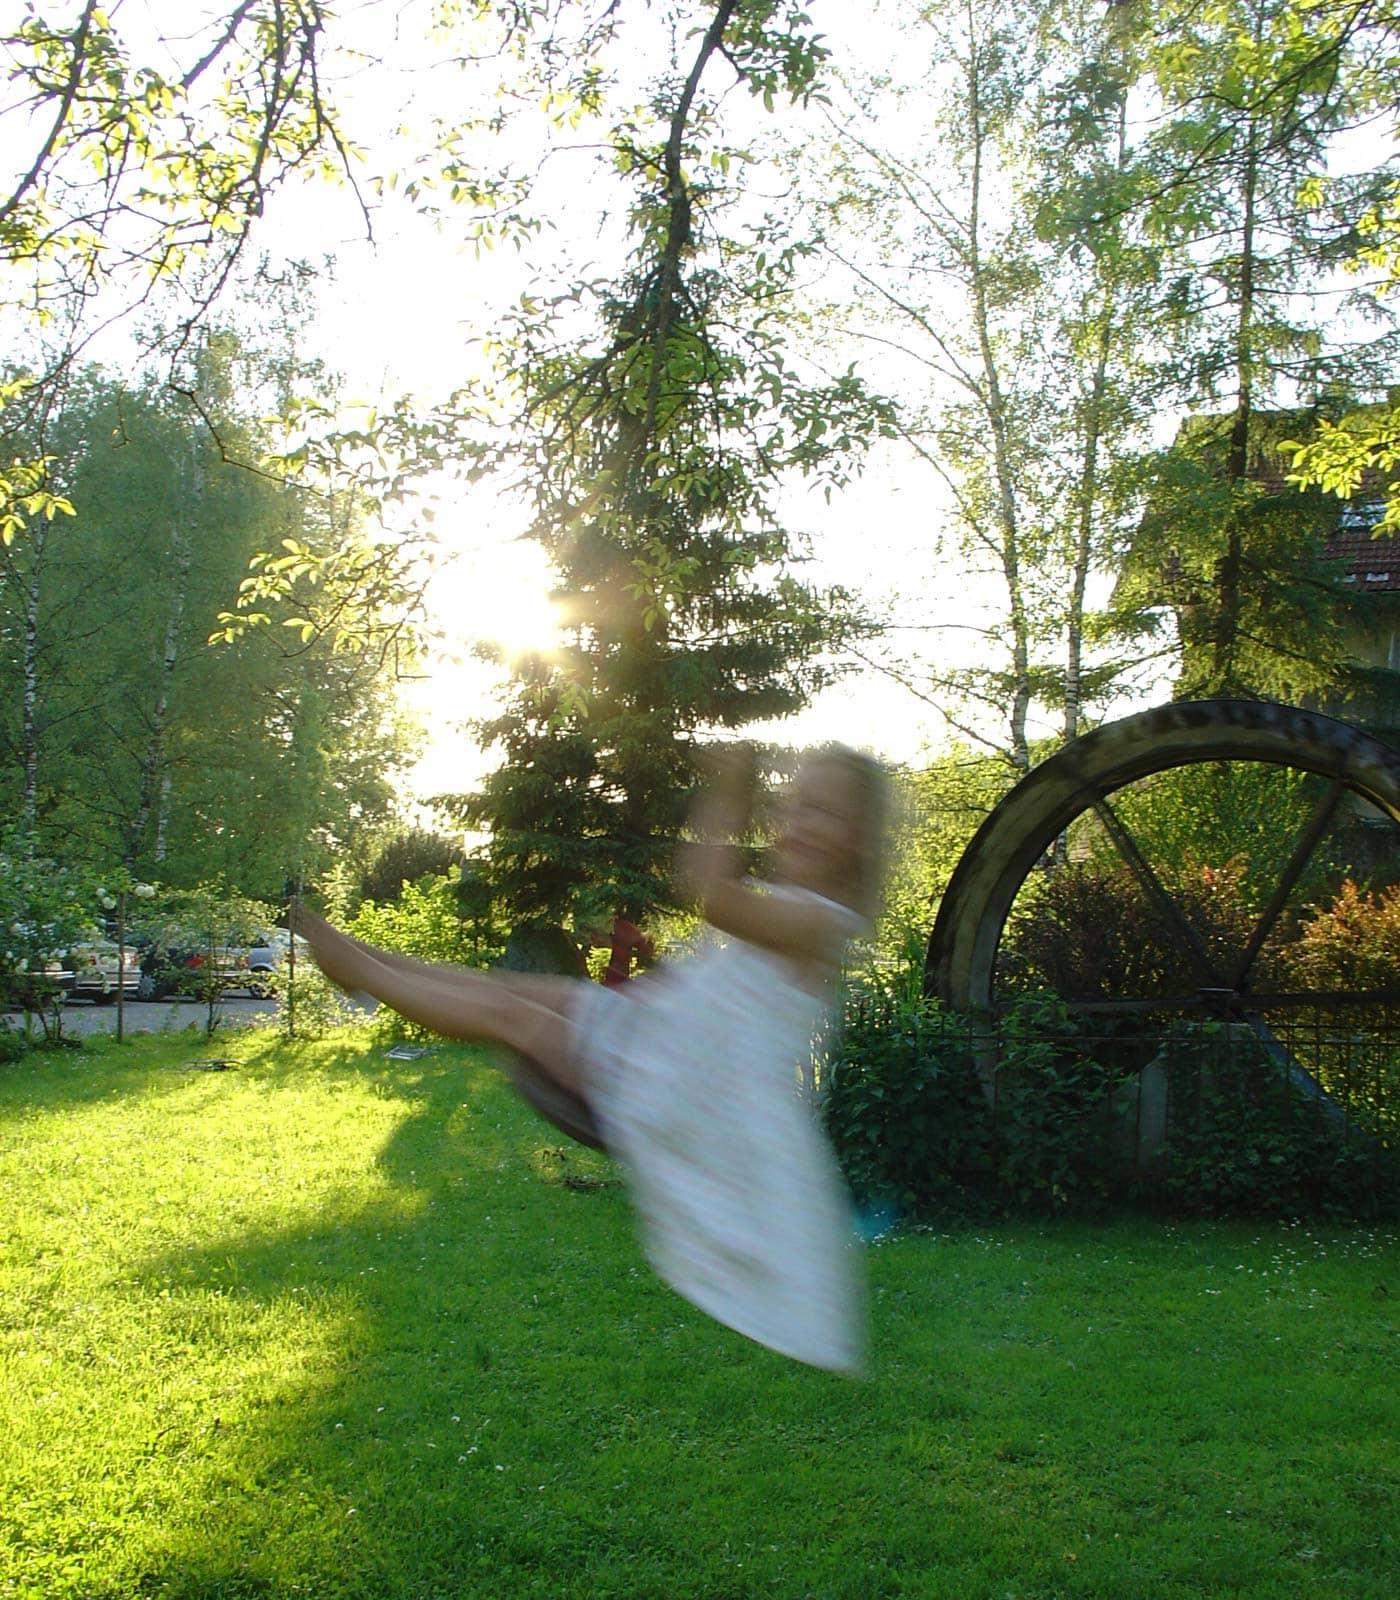 Urlaub auf dem Land mit Kindern: Spielen im Garten, Schaukel am Nussbaum // HIMBEER